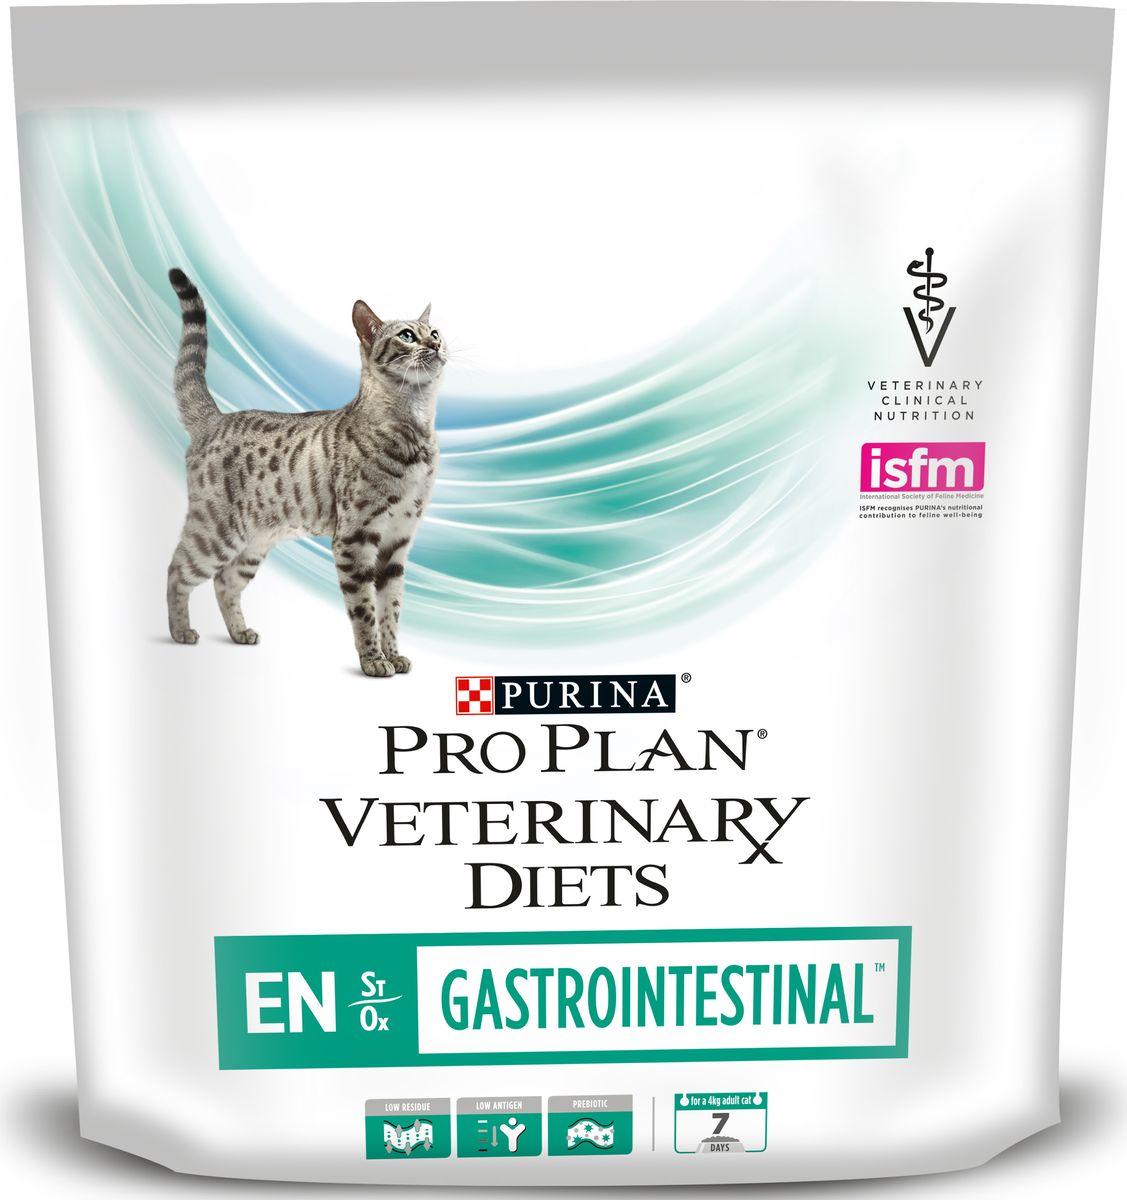 Корм сухой для кошек Purina Veterinary Diets EN, при патологии ЖКТ, 400 г12148079Консервы для кошек Purina Veterinary Diets EN - это полноценное сбалансированное питание при заболевании ЖКТ питомца. Корм с высокой степенью усвояемости и ограниченным уровнем триглицеридов помогает при лечении патологий ЖКТ, удовлетворяет потребности в питательных веществах. Содержание кокосового масла с высоким уровнем жирных кислот со средней цепочкой, обеспечивает энергию для пищеварения и всасывания. Добавленные пребиотики улучшают баланс микрофлоры и стимулируют рост полезных бактерий.Показания к применению:Энтерит, гастрит и диареяНарушение экзокринной функции поджелудочной железыВоспалительные заболевания кишечникаЛимфангиэктазияПанкреатитГиперлипидемияНарушение всасывания и усвояемостиПатология печени, не связанная с энцефалопатией.Состав: изолят белка сои, сухой белок птицы, соевая мука, кукурузный крахмал, животный жир, вкусоароматическая кормовая добавка, инулин (мин. 0,2%), рыбий жир, витамины. Анализ: белок: 40%, жир: 20%, сырая зола: 8,5%, сырая клетчатка: 2,0%, незаменимые жирные кислоты: 4,0%.Добавки на кг: витамин А: 38 000; витамин D3: 700; витамин Е: 650 мг/кг; таурин: 1 500; железо: 270; йод: 2,9; медь: 45; марганец: 120; цинк: 490; селен: 0,26 мг/кг.Товар сертифицирован.